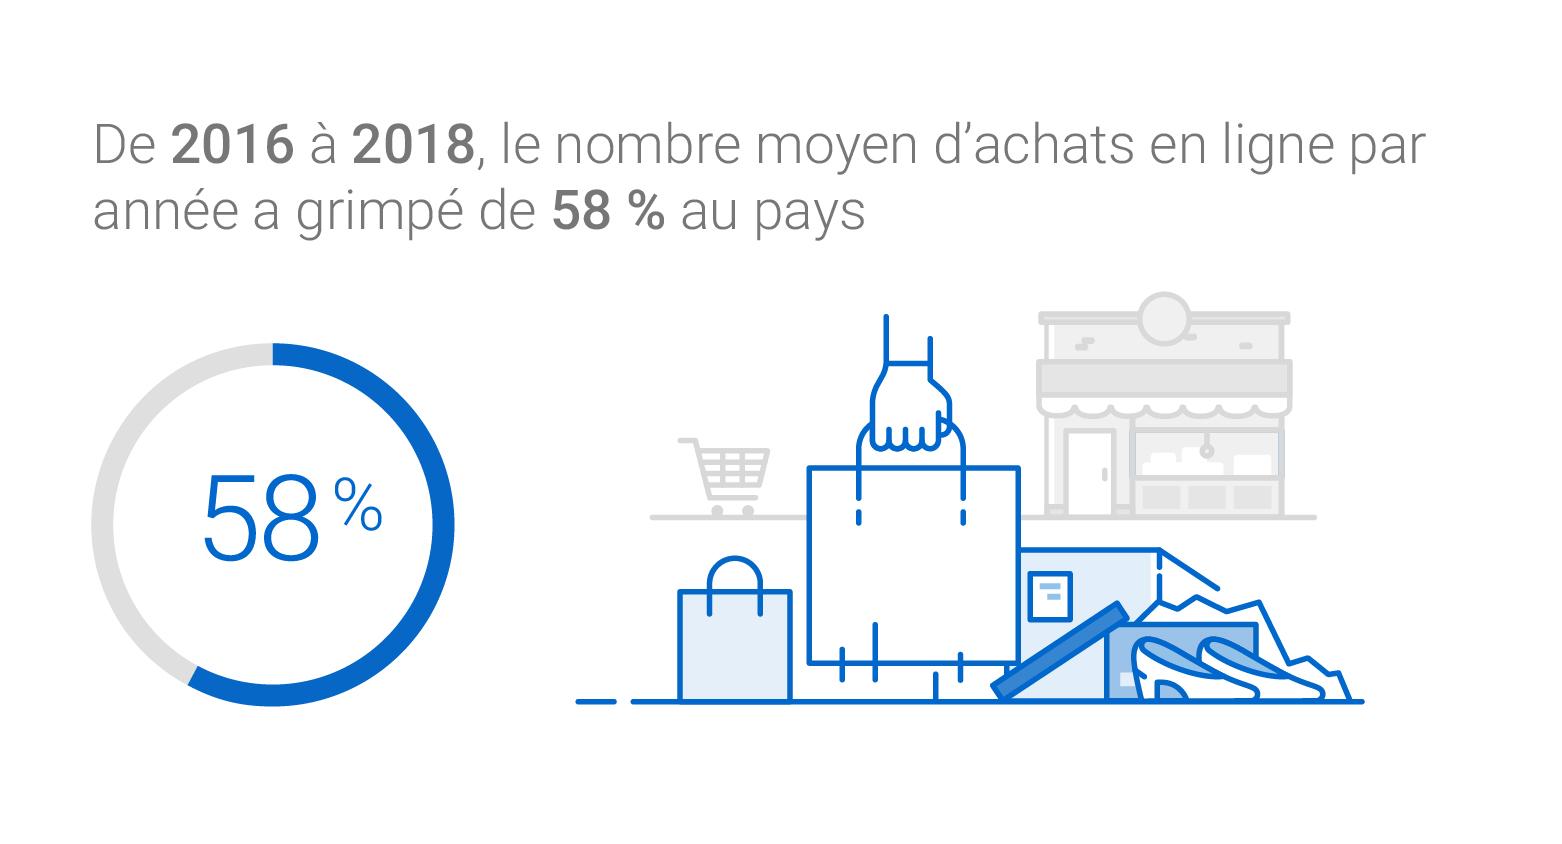 Le nombre moyen d'achats en ligne par année au Canada a augmenté de 58 % entre 2016 et 2018.